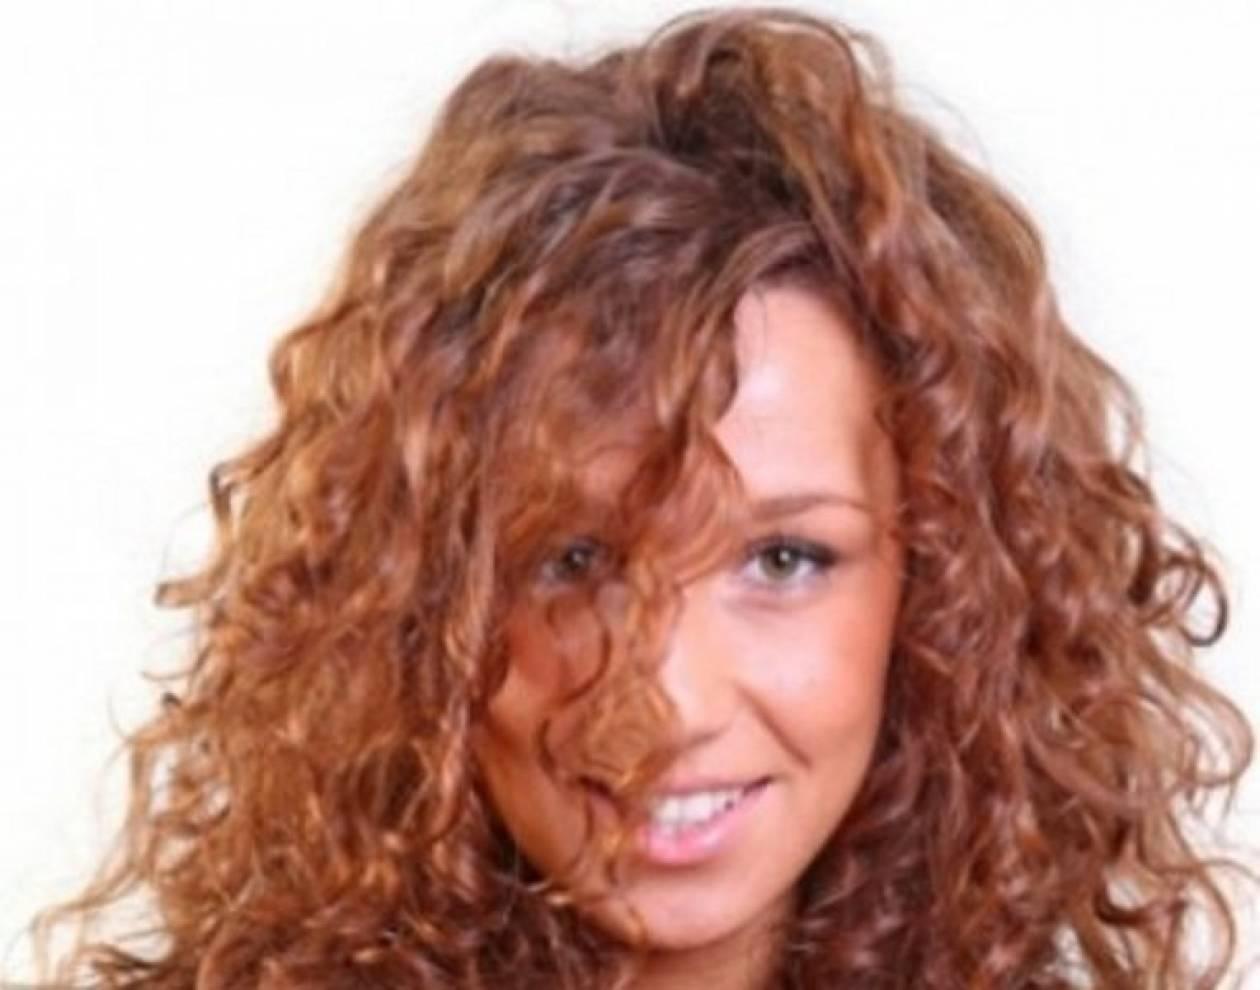 Πώς να αποφύγετε το φριζάρισμα των μαλλιών